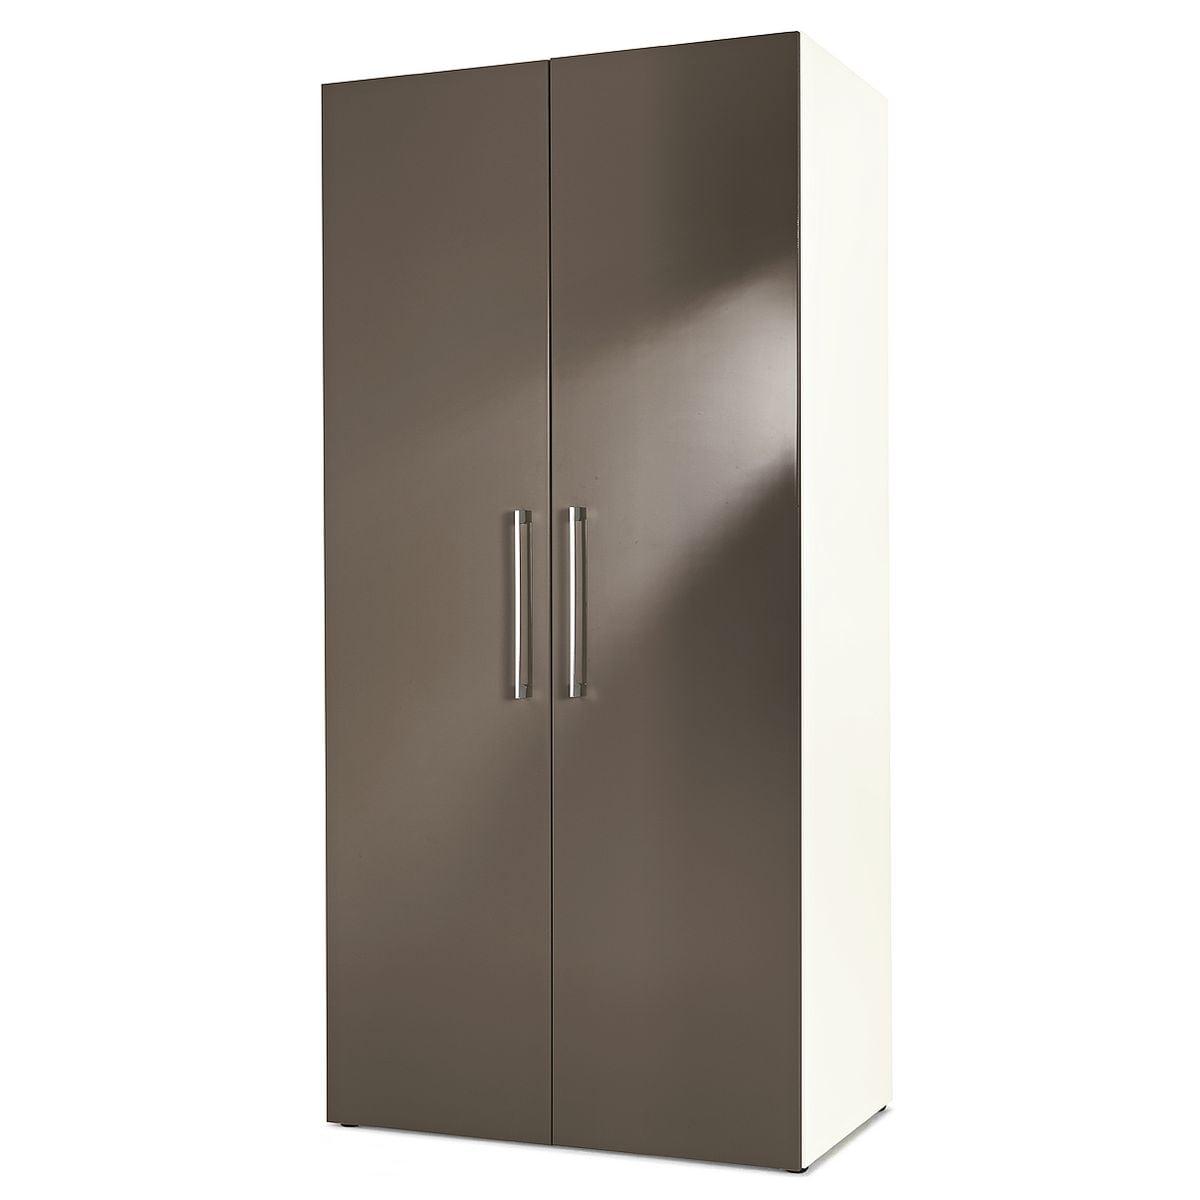 wellem bel kleiderschrank kleiderschrankwunder front hochglanzoptik 100 208 cm bei otto. Black Bedroom Furniture Sets. Home Design Ideas